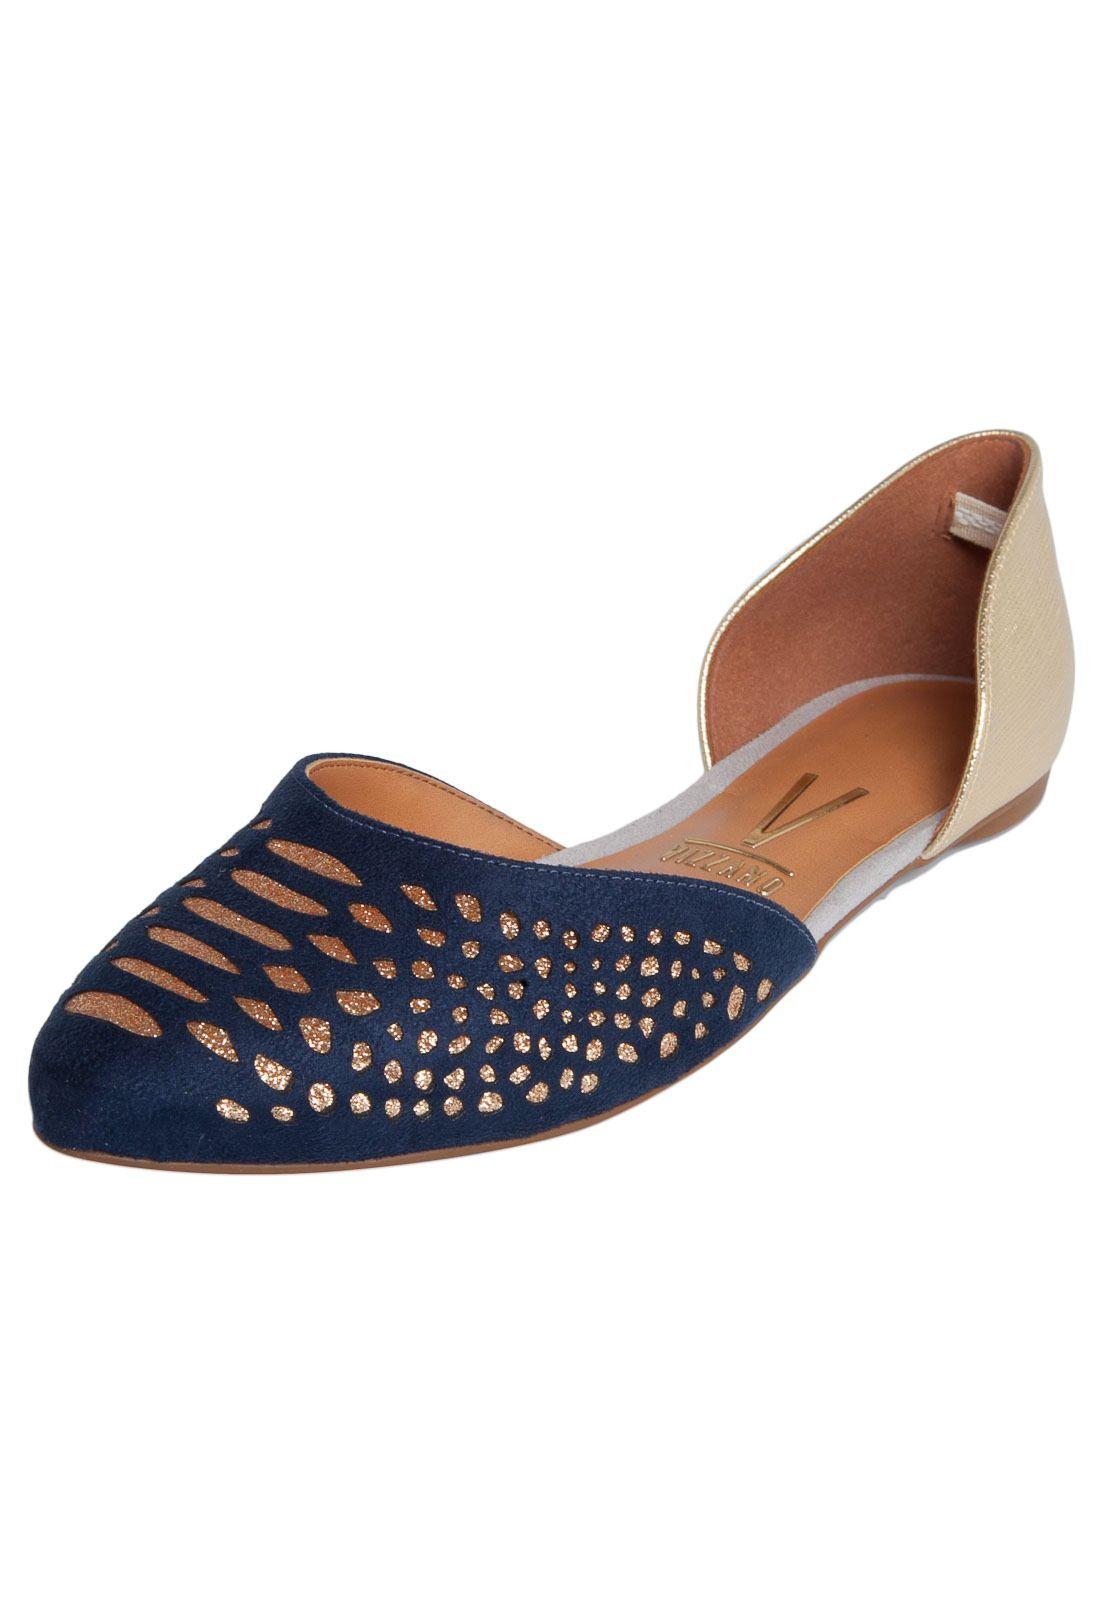 f0189756d4 Sapatilha Vizzano Glitter Azul - Marca Vizzano